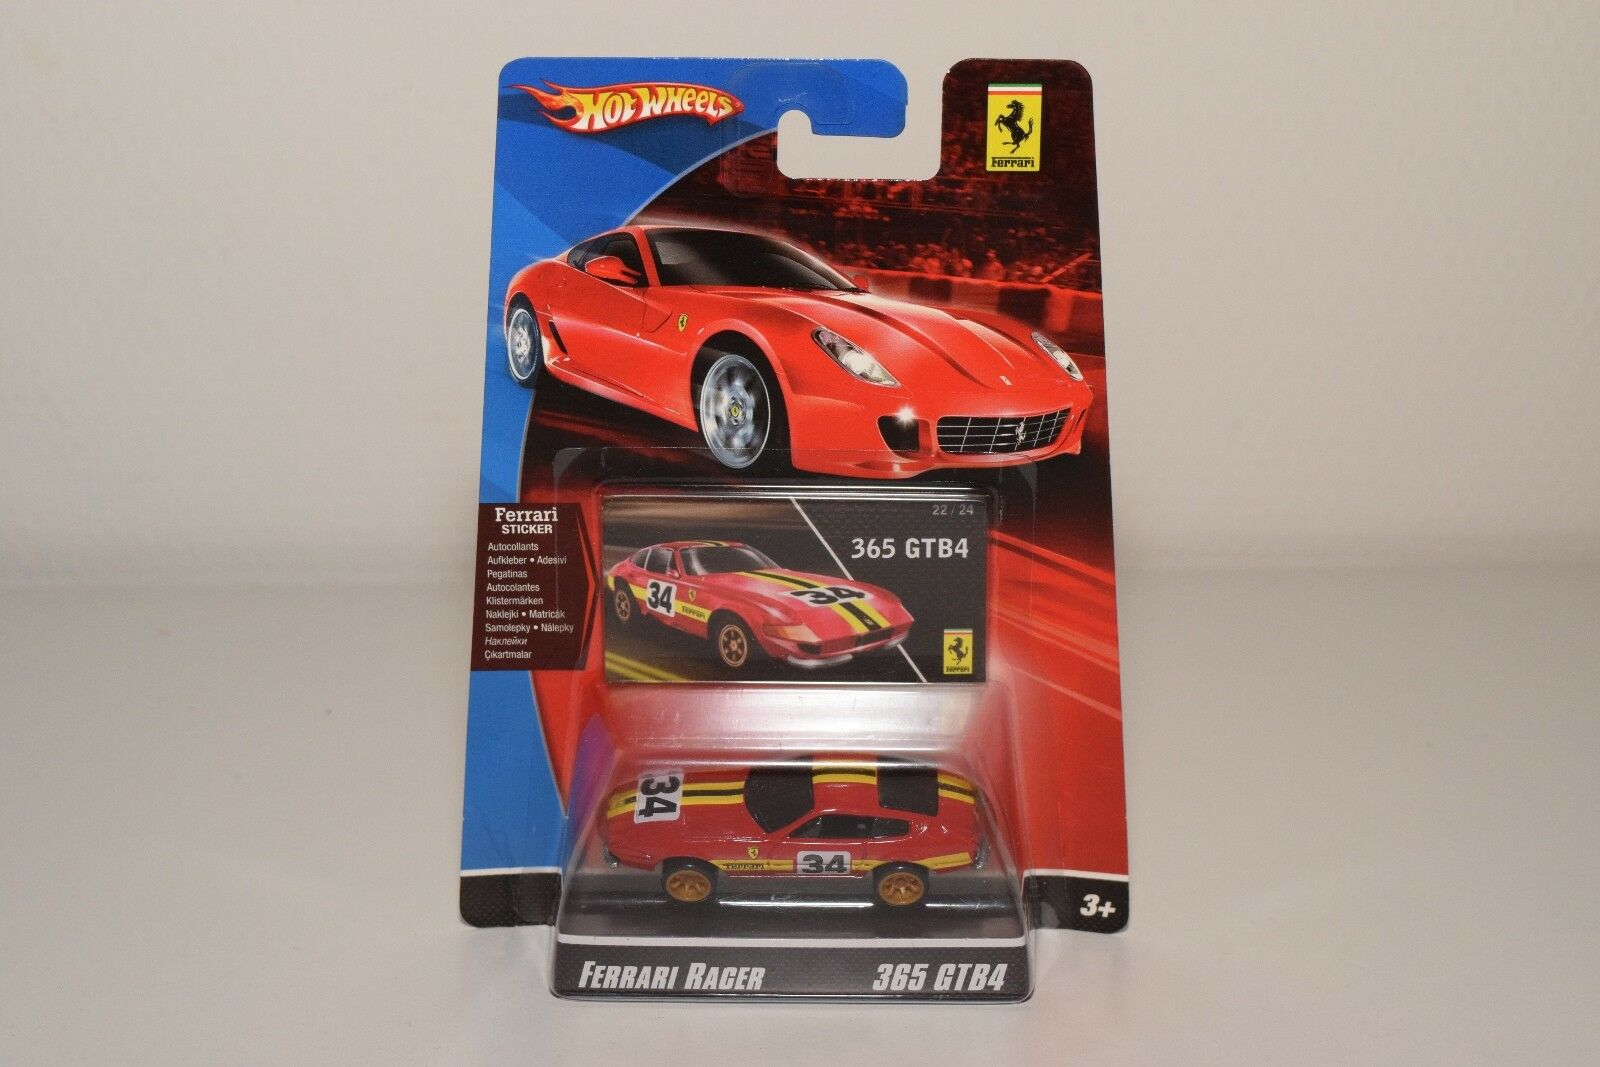 comprar descuentos V 1 64 HOTWHEELS RACER FERRARI 365 GTB 35GTB 35GTB 35GTB rojo RALLY MINT ON CocheD RARE  hasta un 70% de descuento